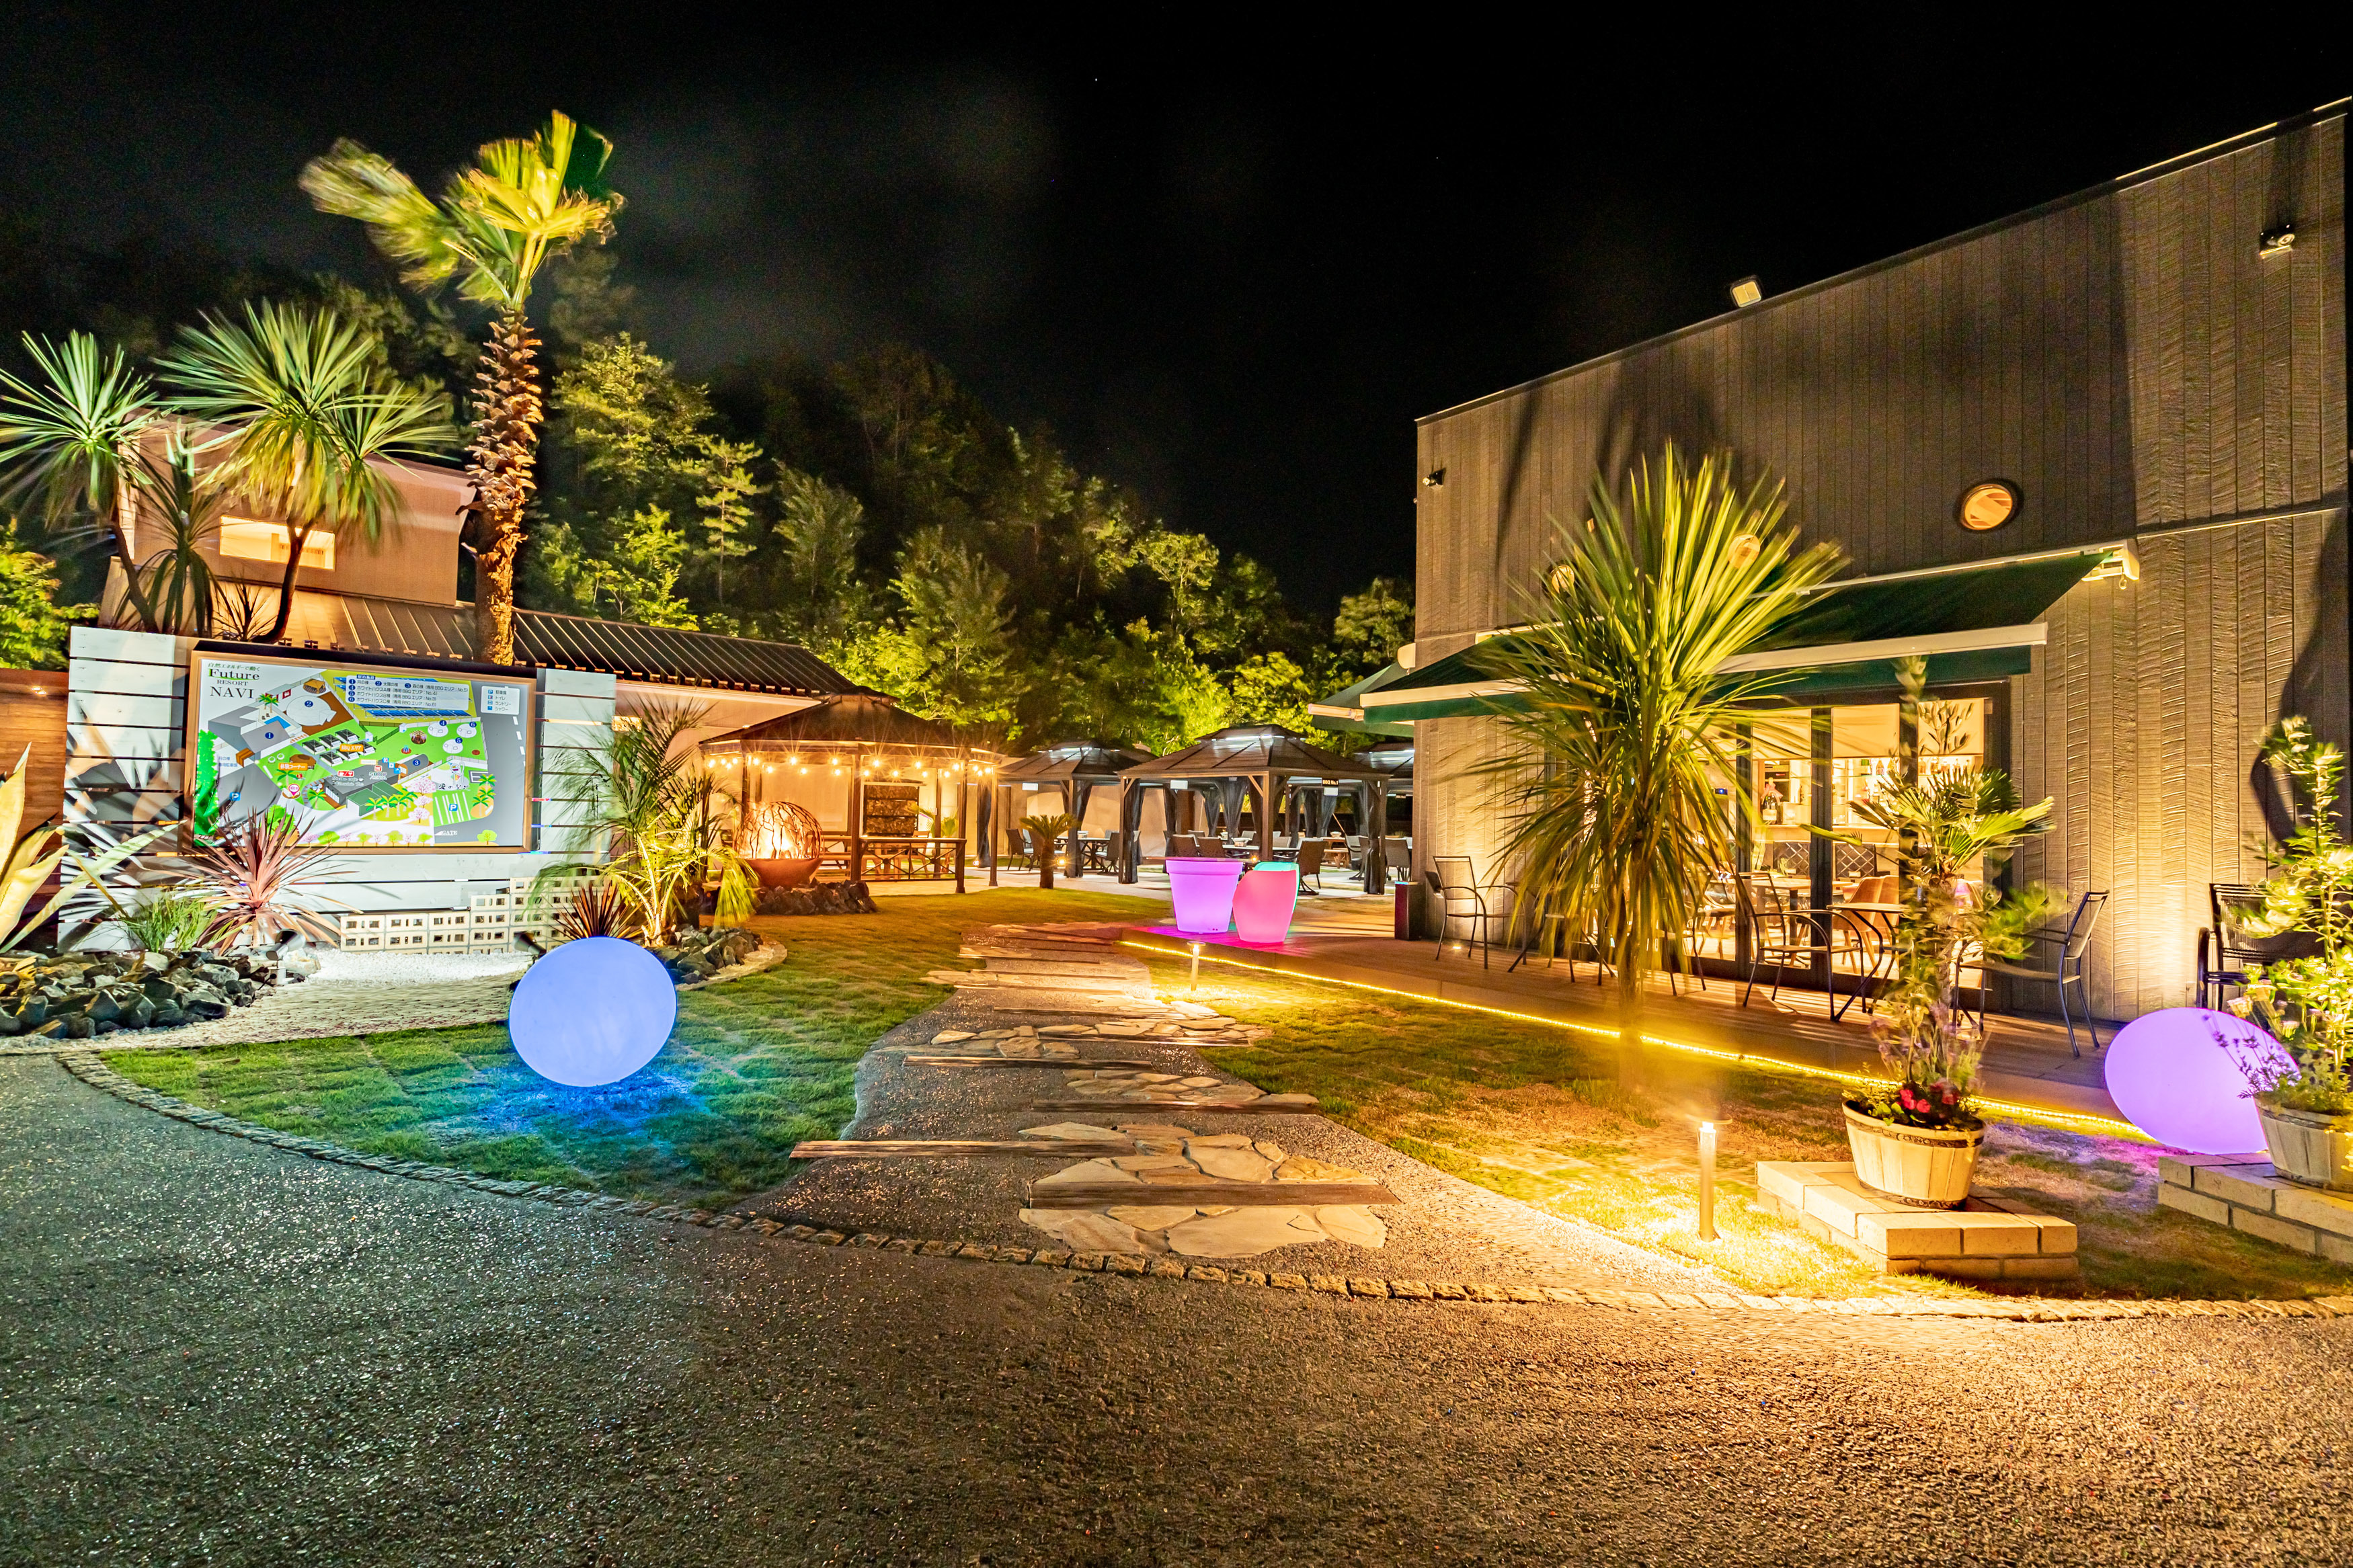 滋賀県長浜市に新たなグランピングリゾート「フューチャーリゾート」が6月22日(火)にオープン! 画像